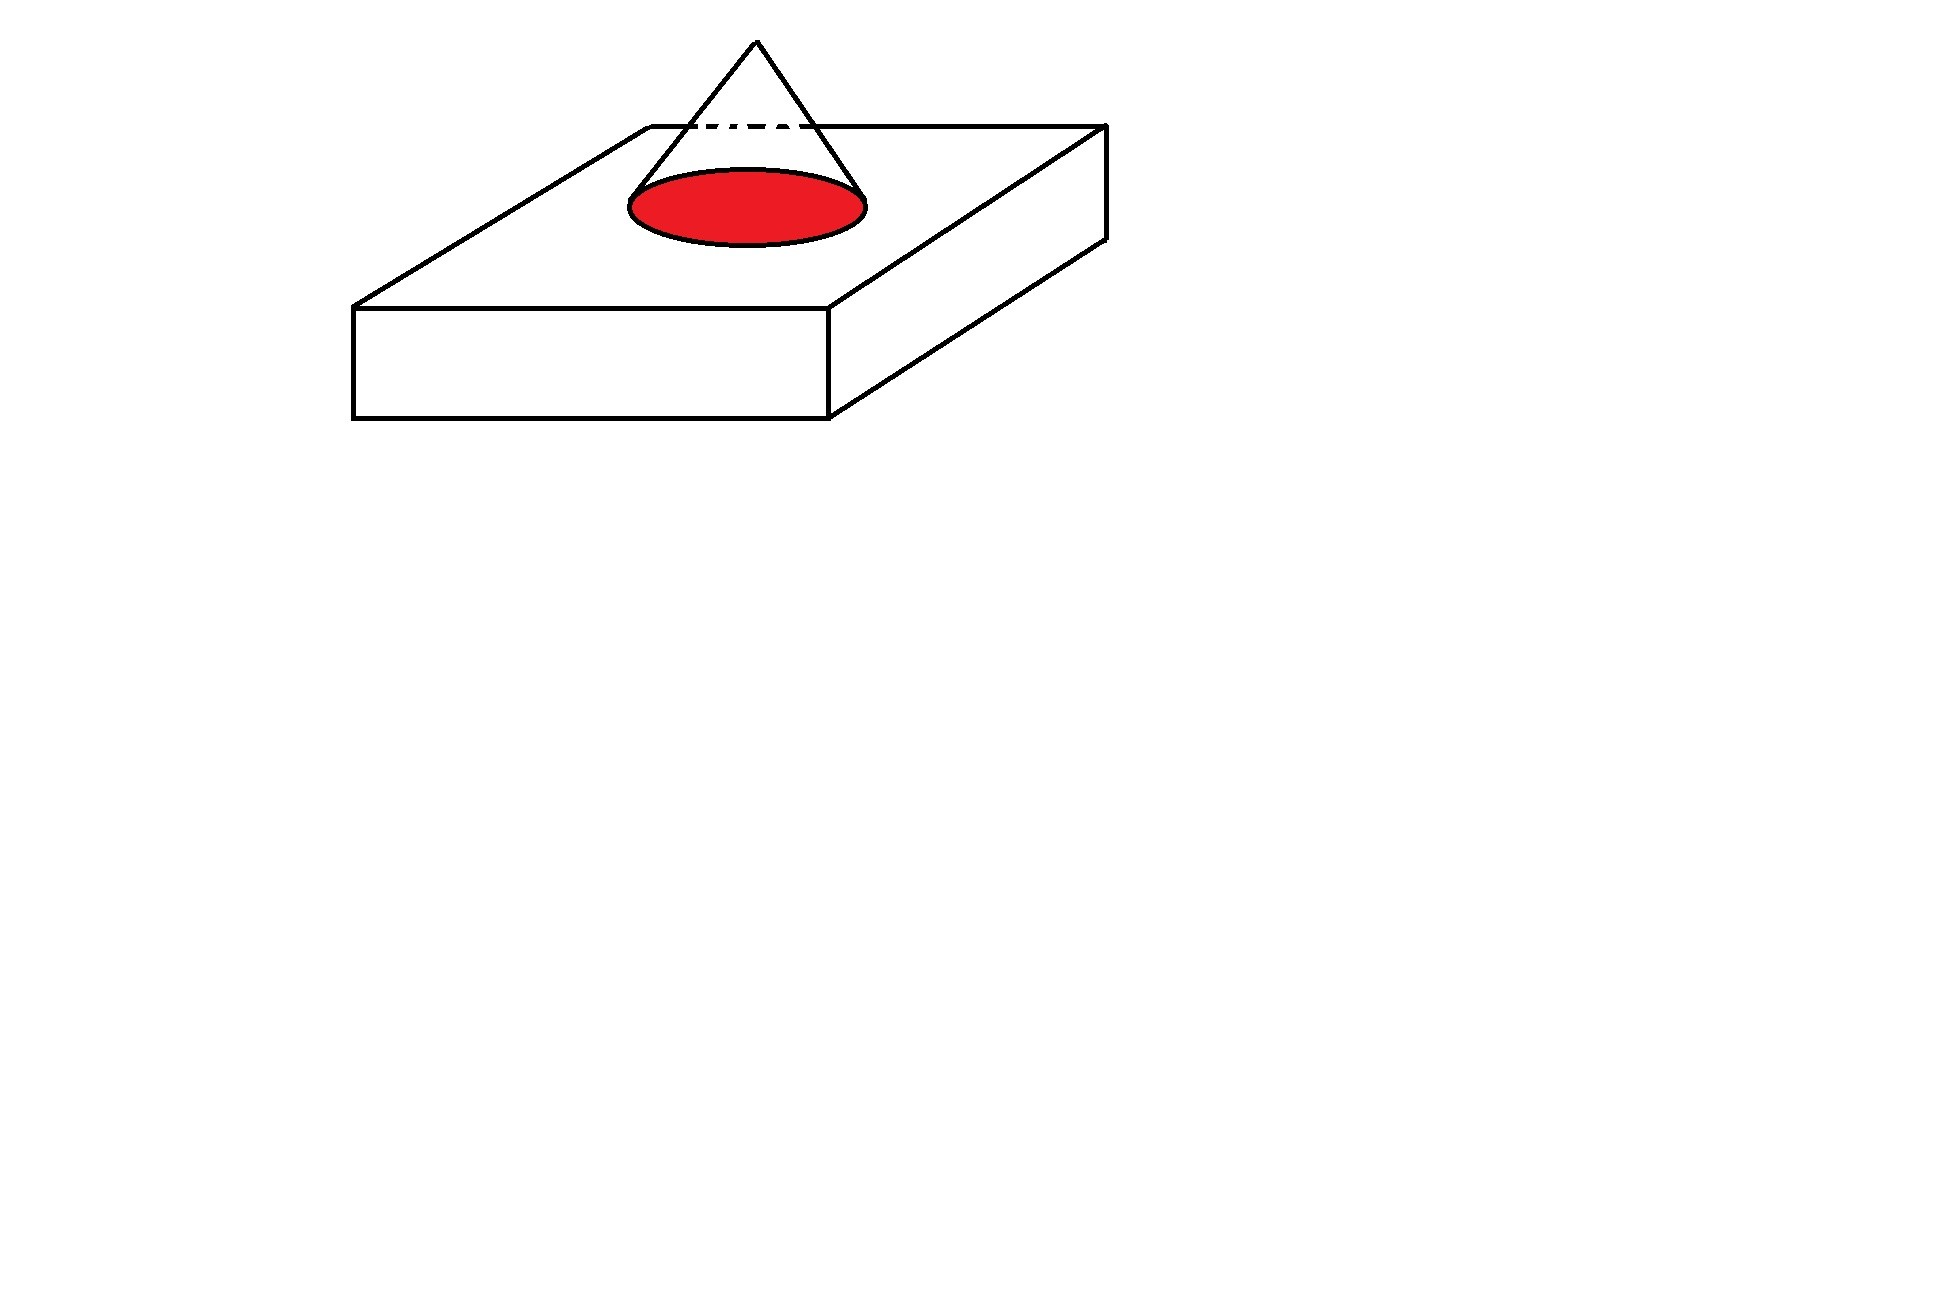 oberfl cheninhalt zusammengesetzter k rper onlinemathe das mathe forum. Black Bedroom Furniture Sets. Home Design Ideas